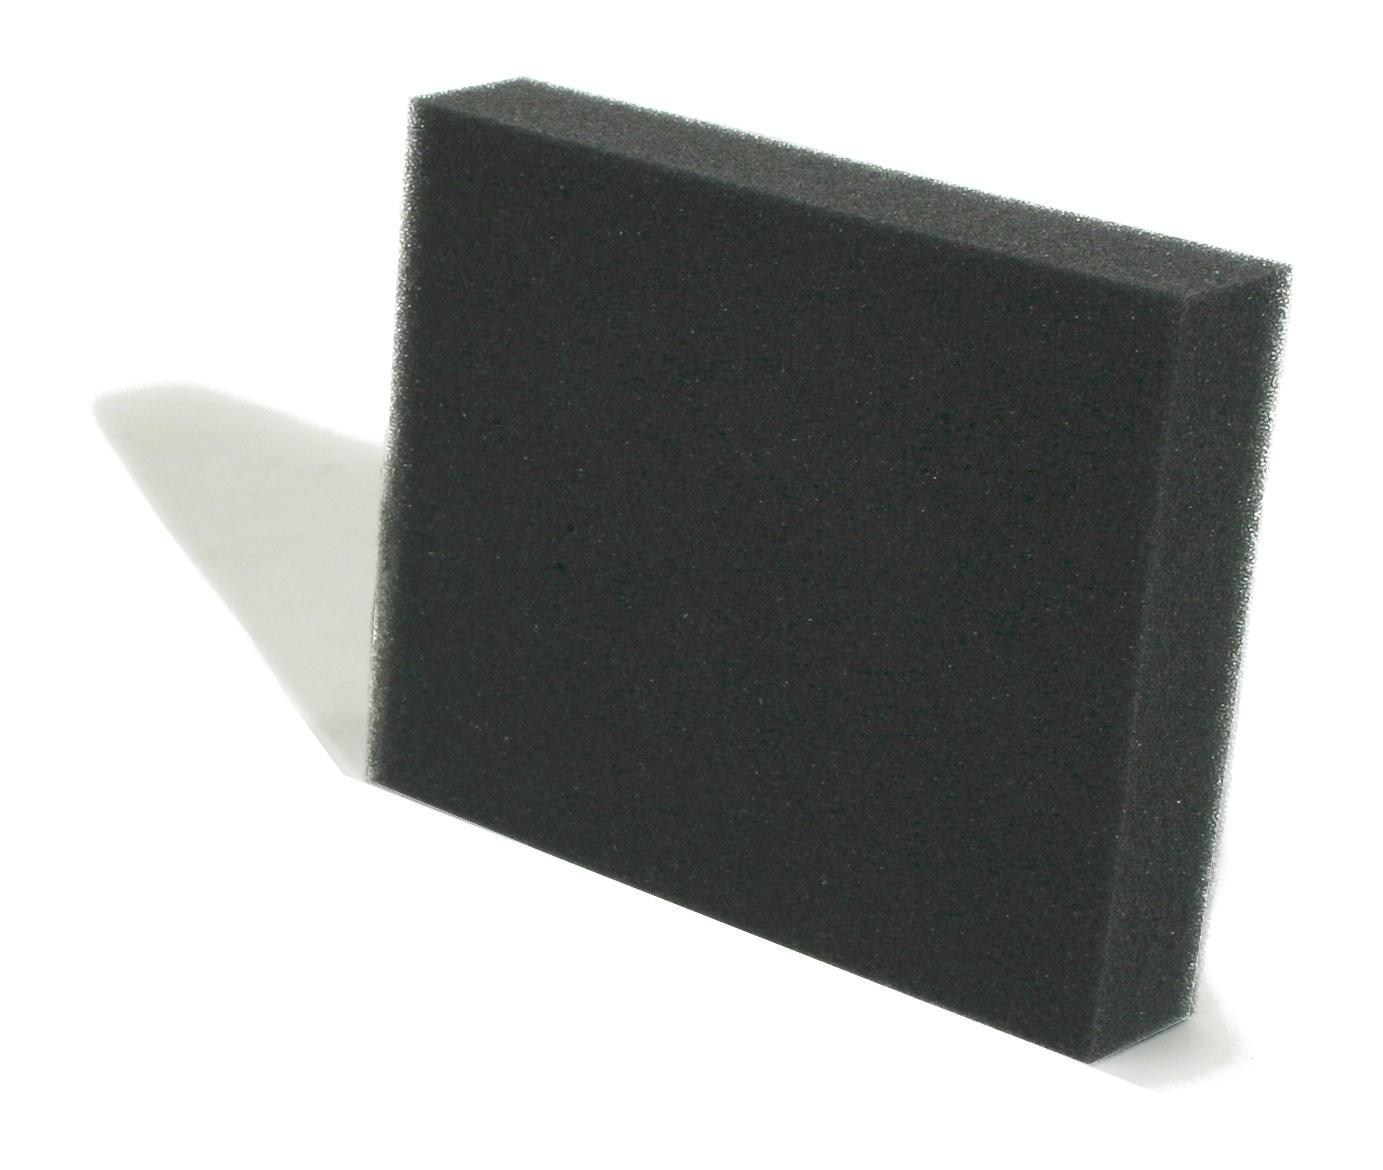 Vzduchový filtr do sekaček s motorem GGP/STIGA SV150/RV150 V35, SV40